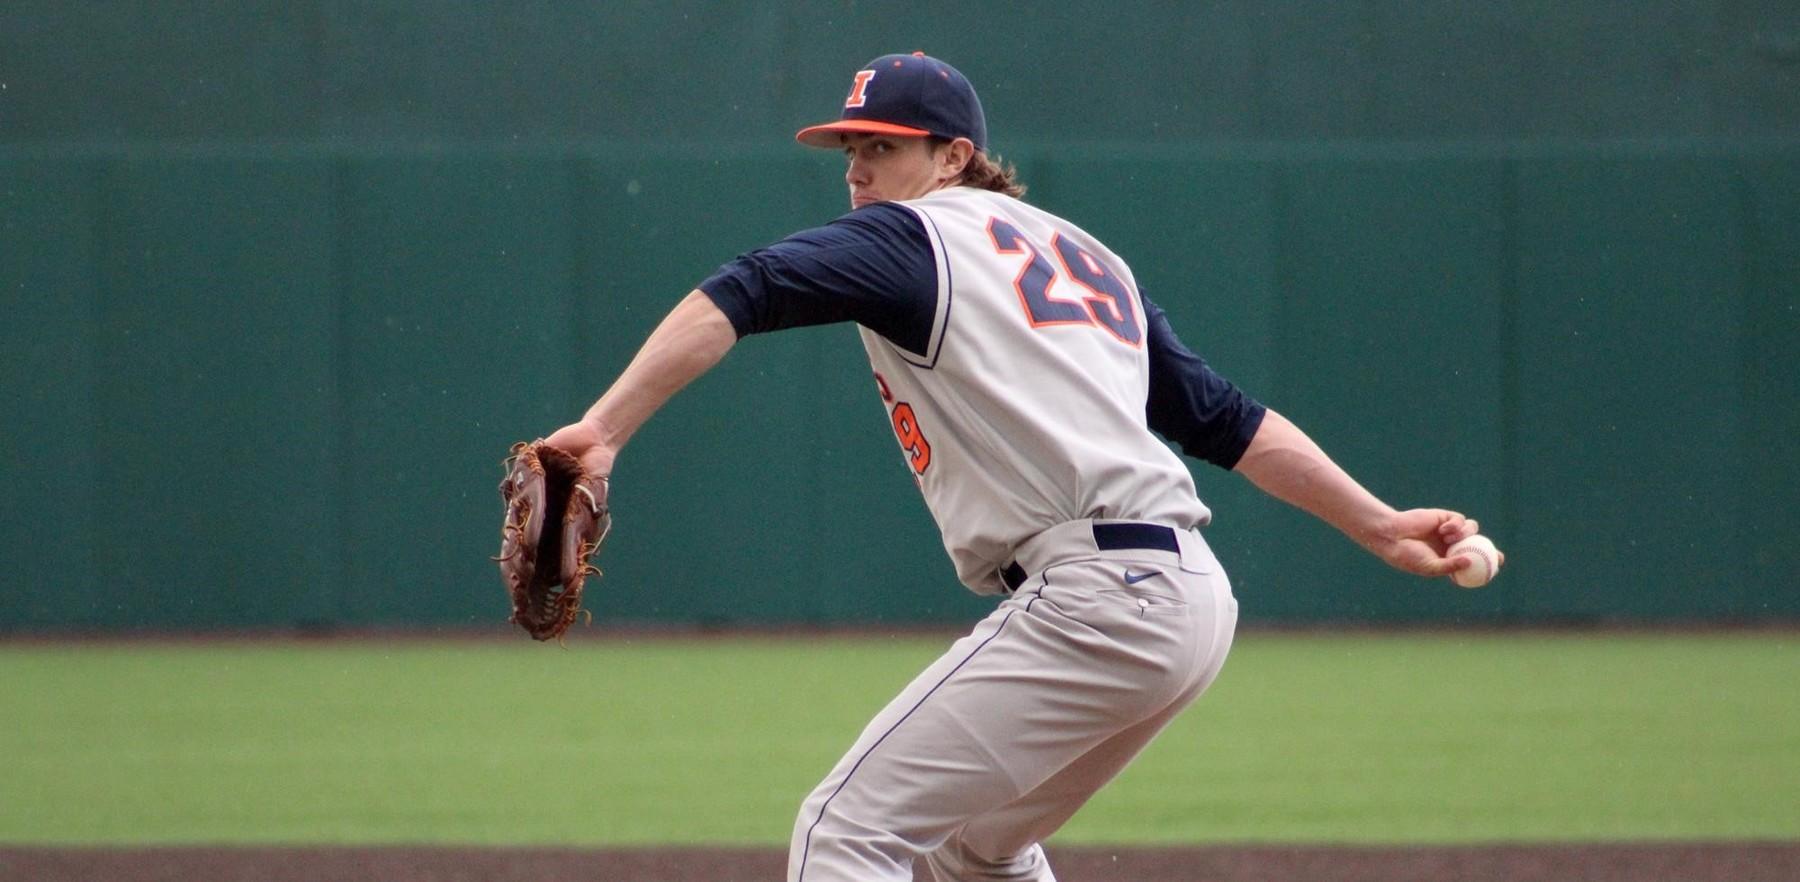 Illini pitcher Cody Sedlock